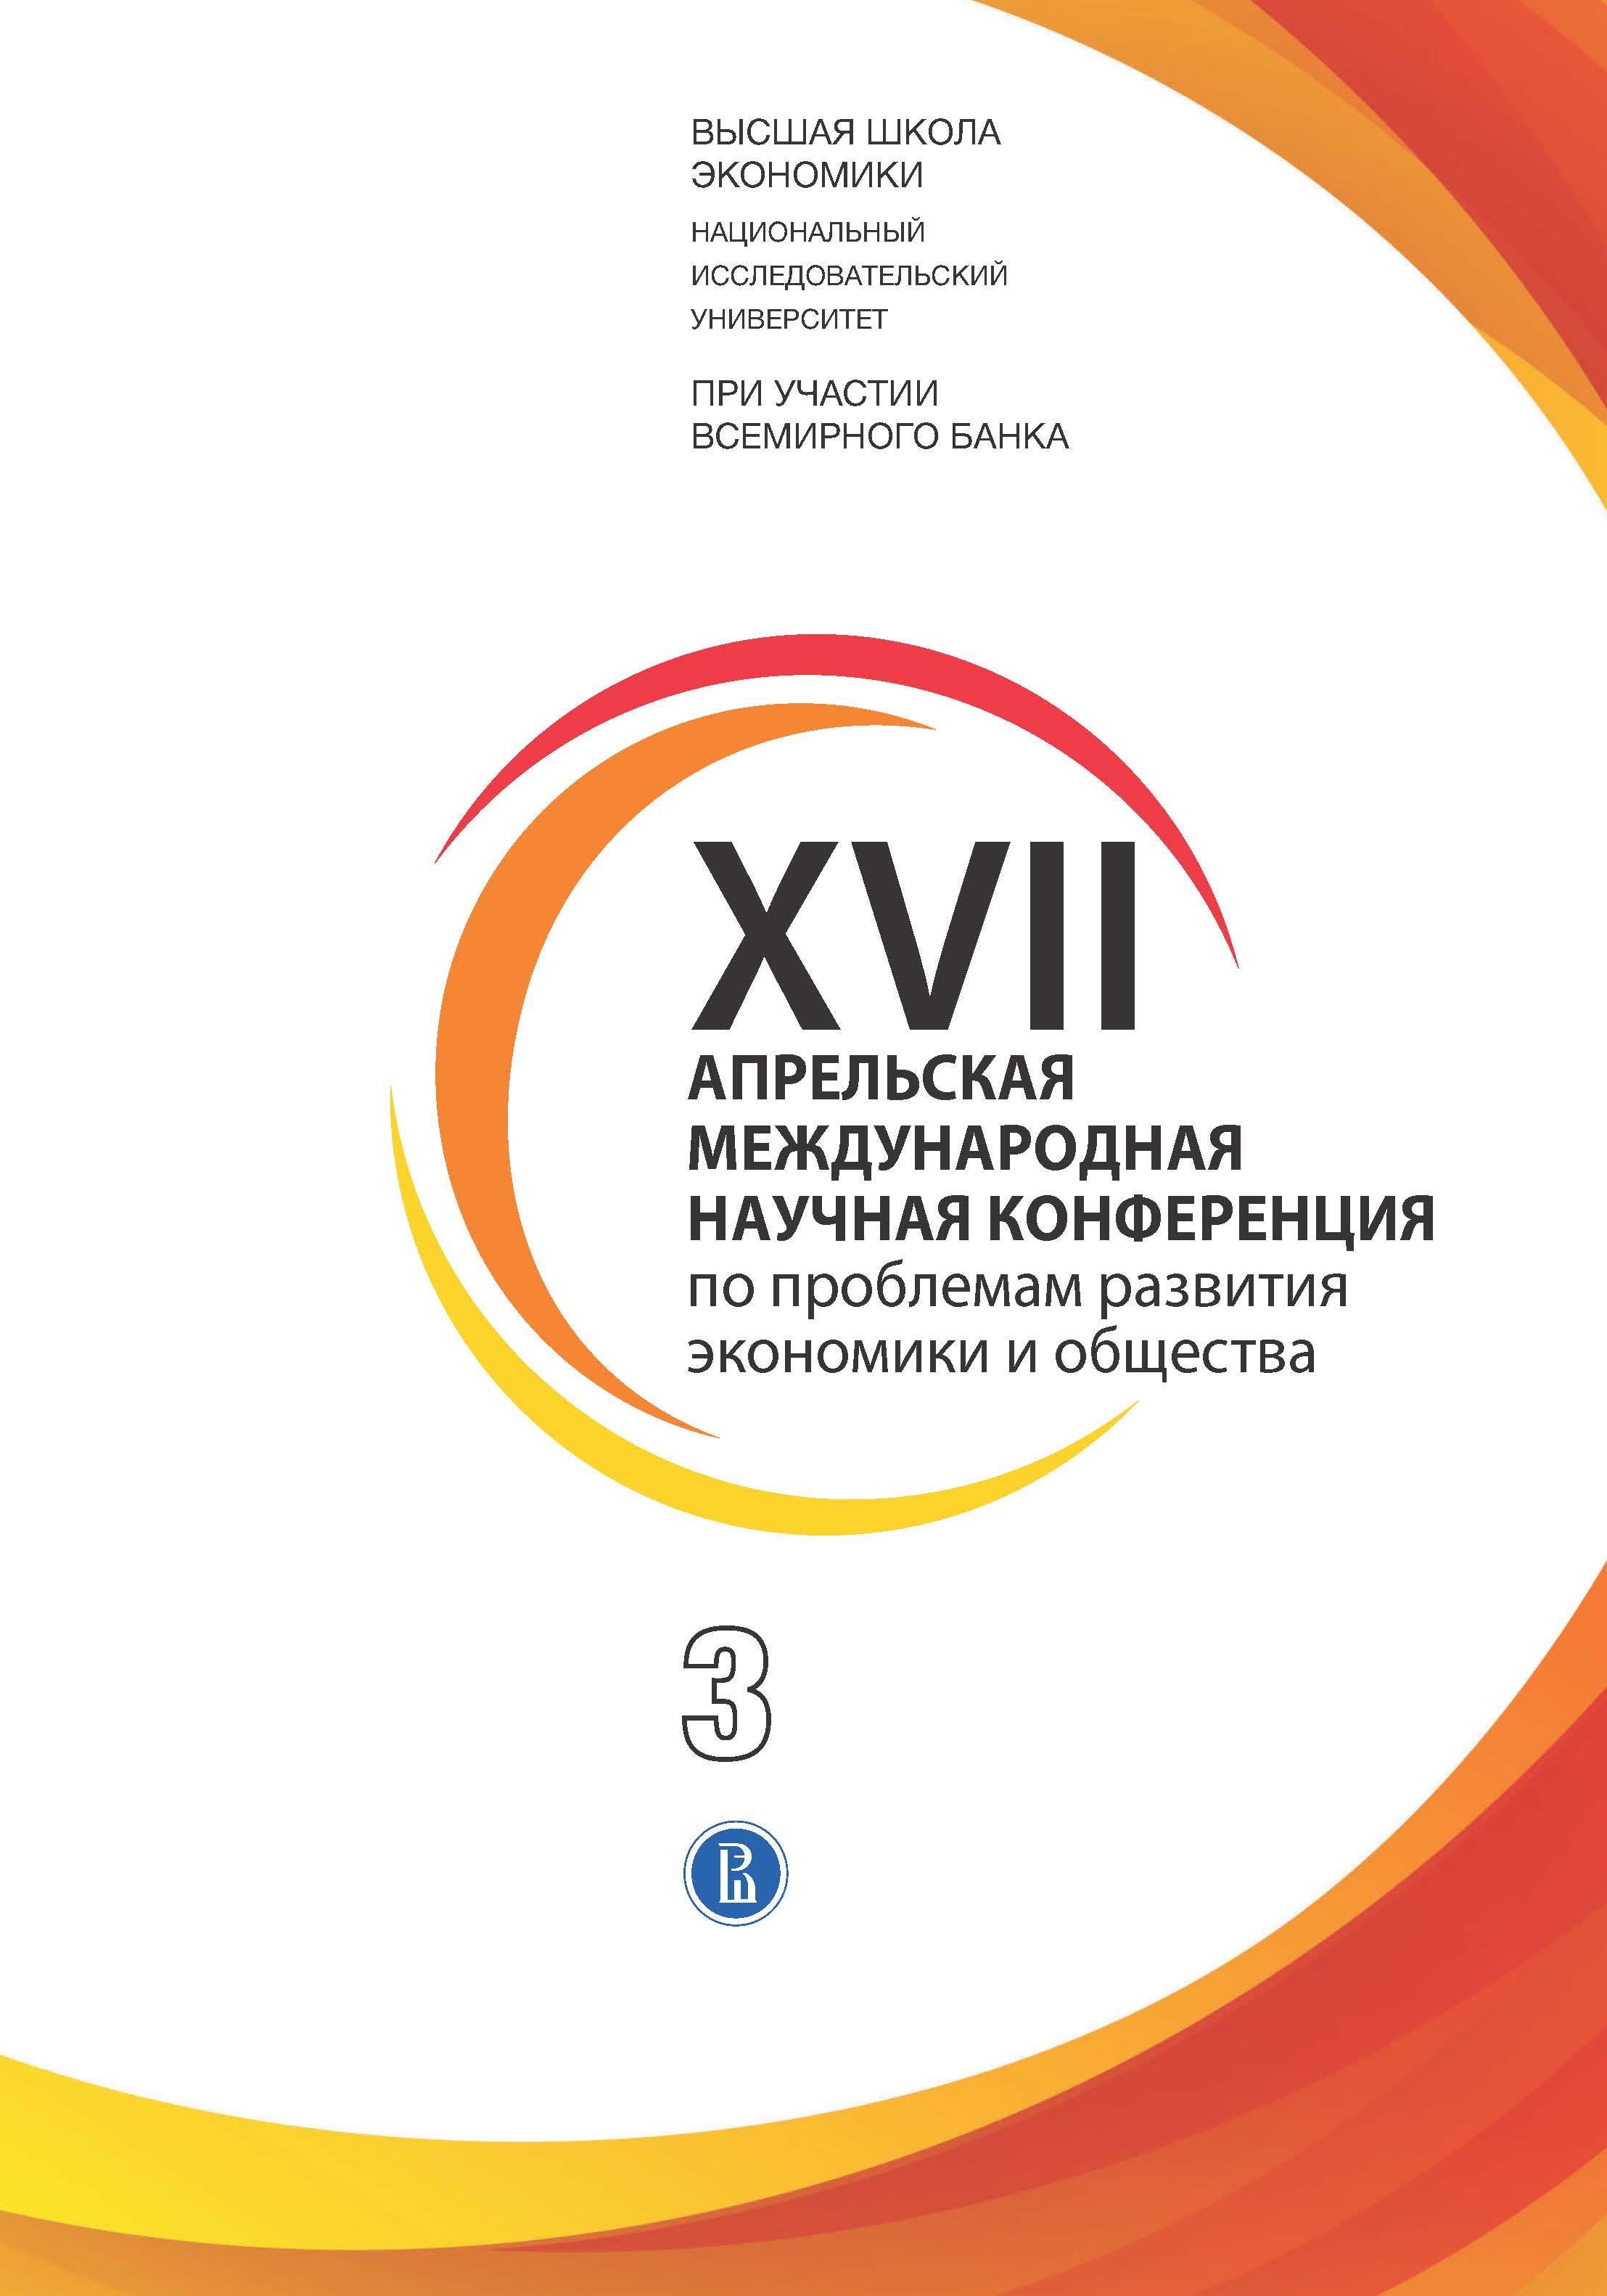 XVII Апрельская международная научная конференция по проблемам развития экономики и общества: в 4 кн.